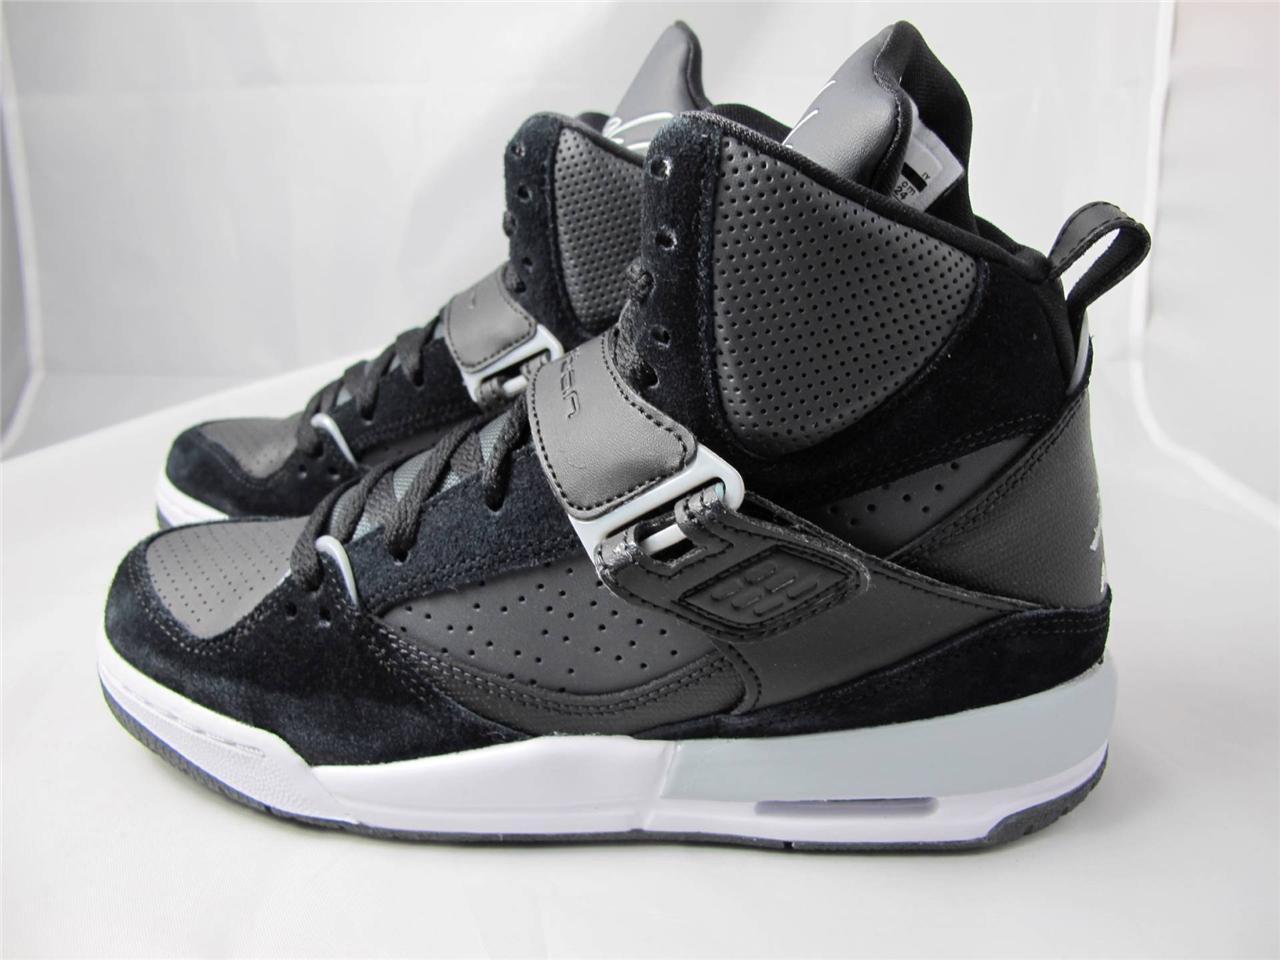 Nike Jordan Flight 45 High